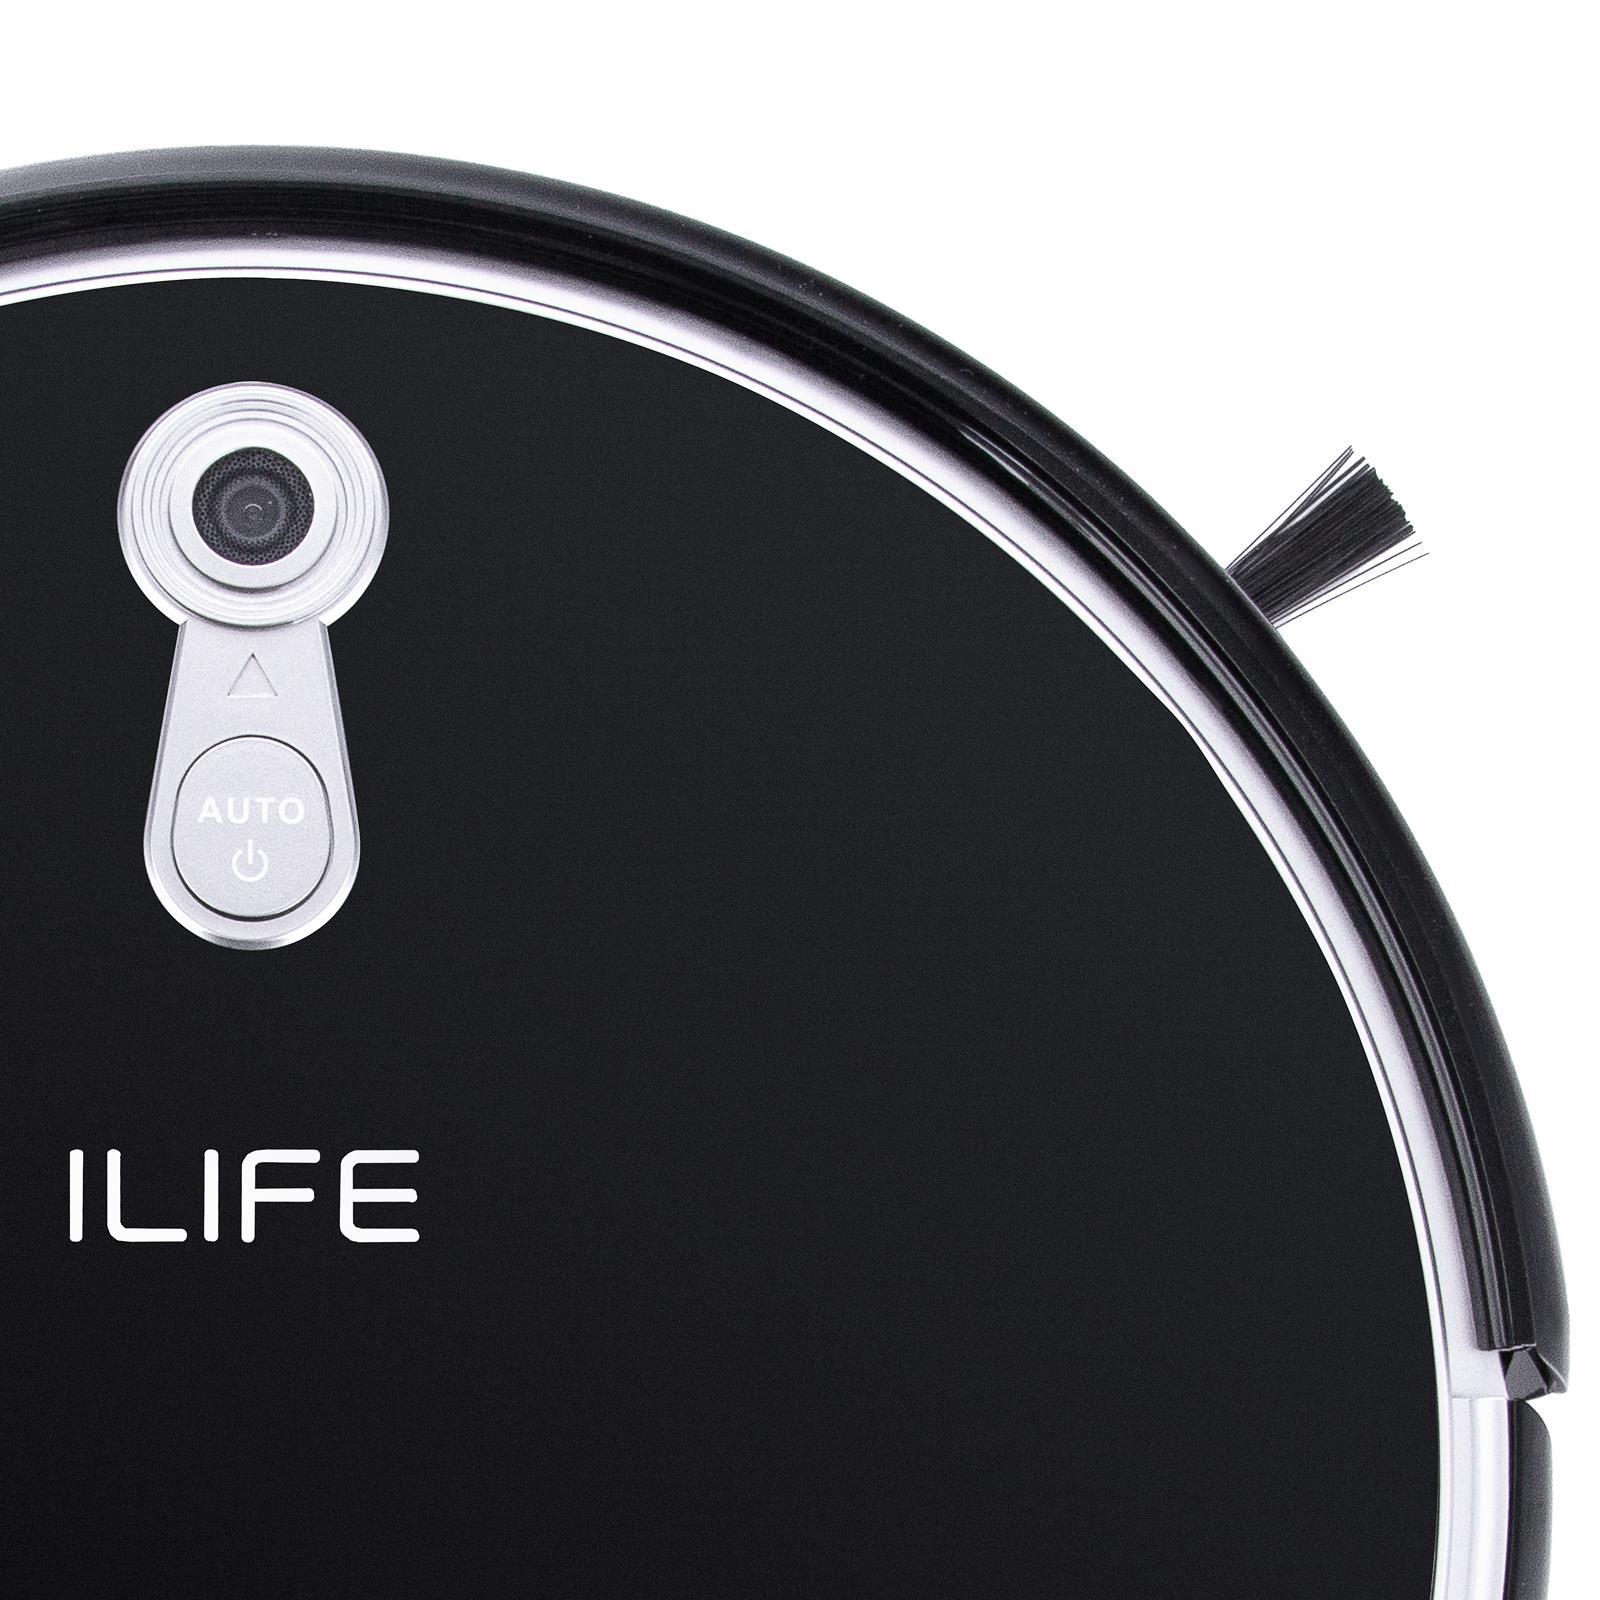 ILIFE  A8 robots putekļsūcējs